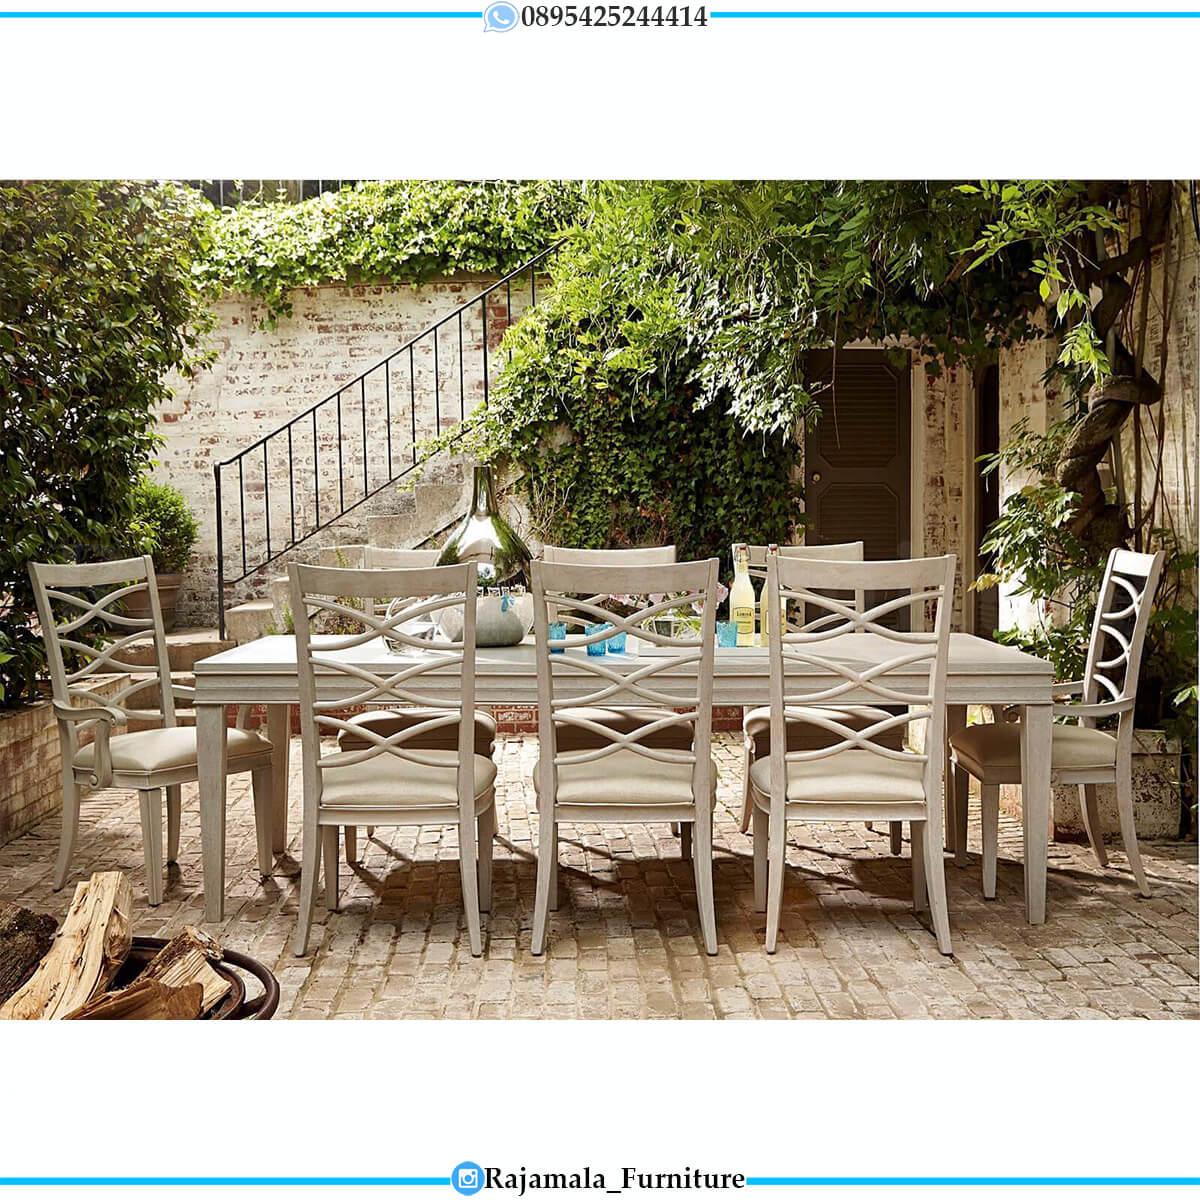 Meja Makan Minimalis Outdoor Design Simple Elegant RM-0724